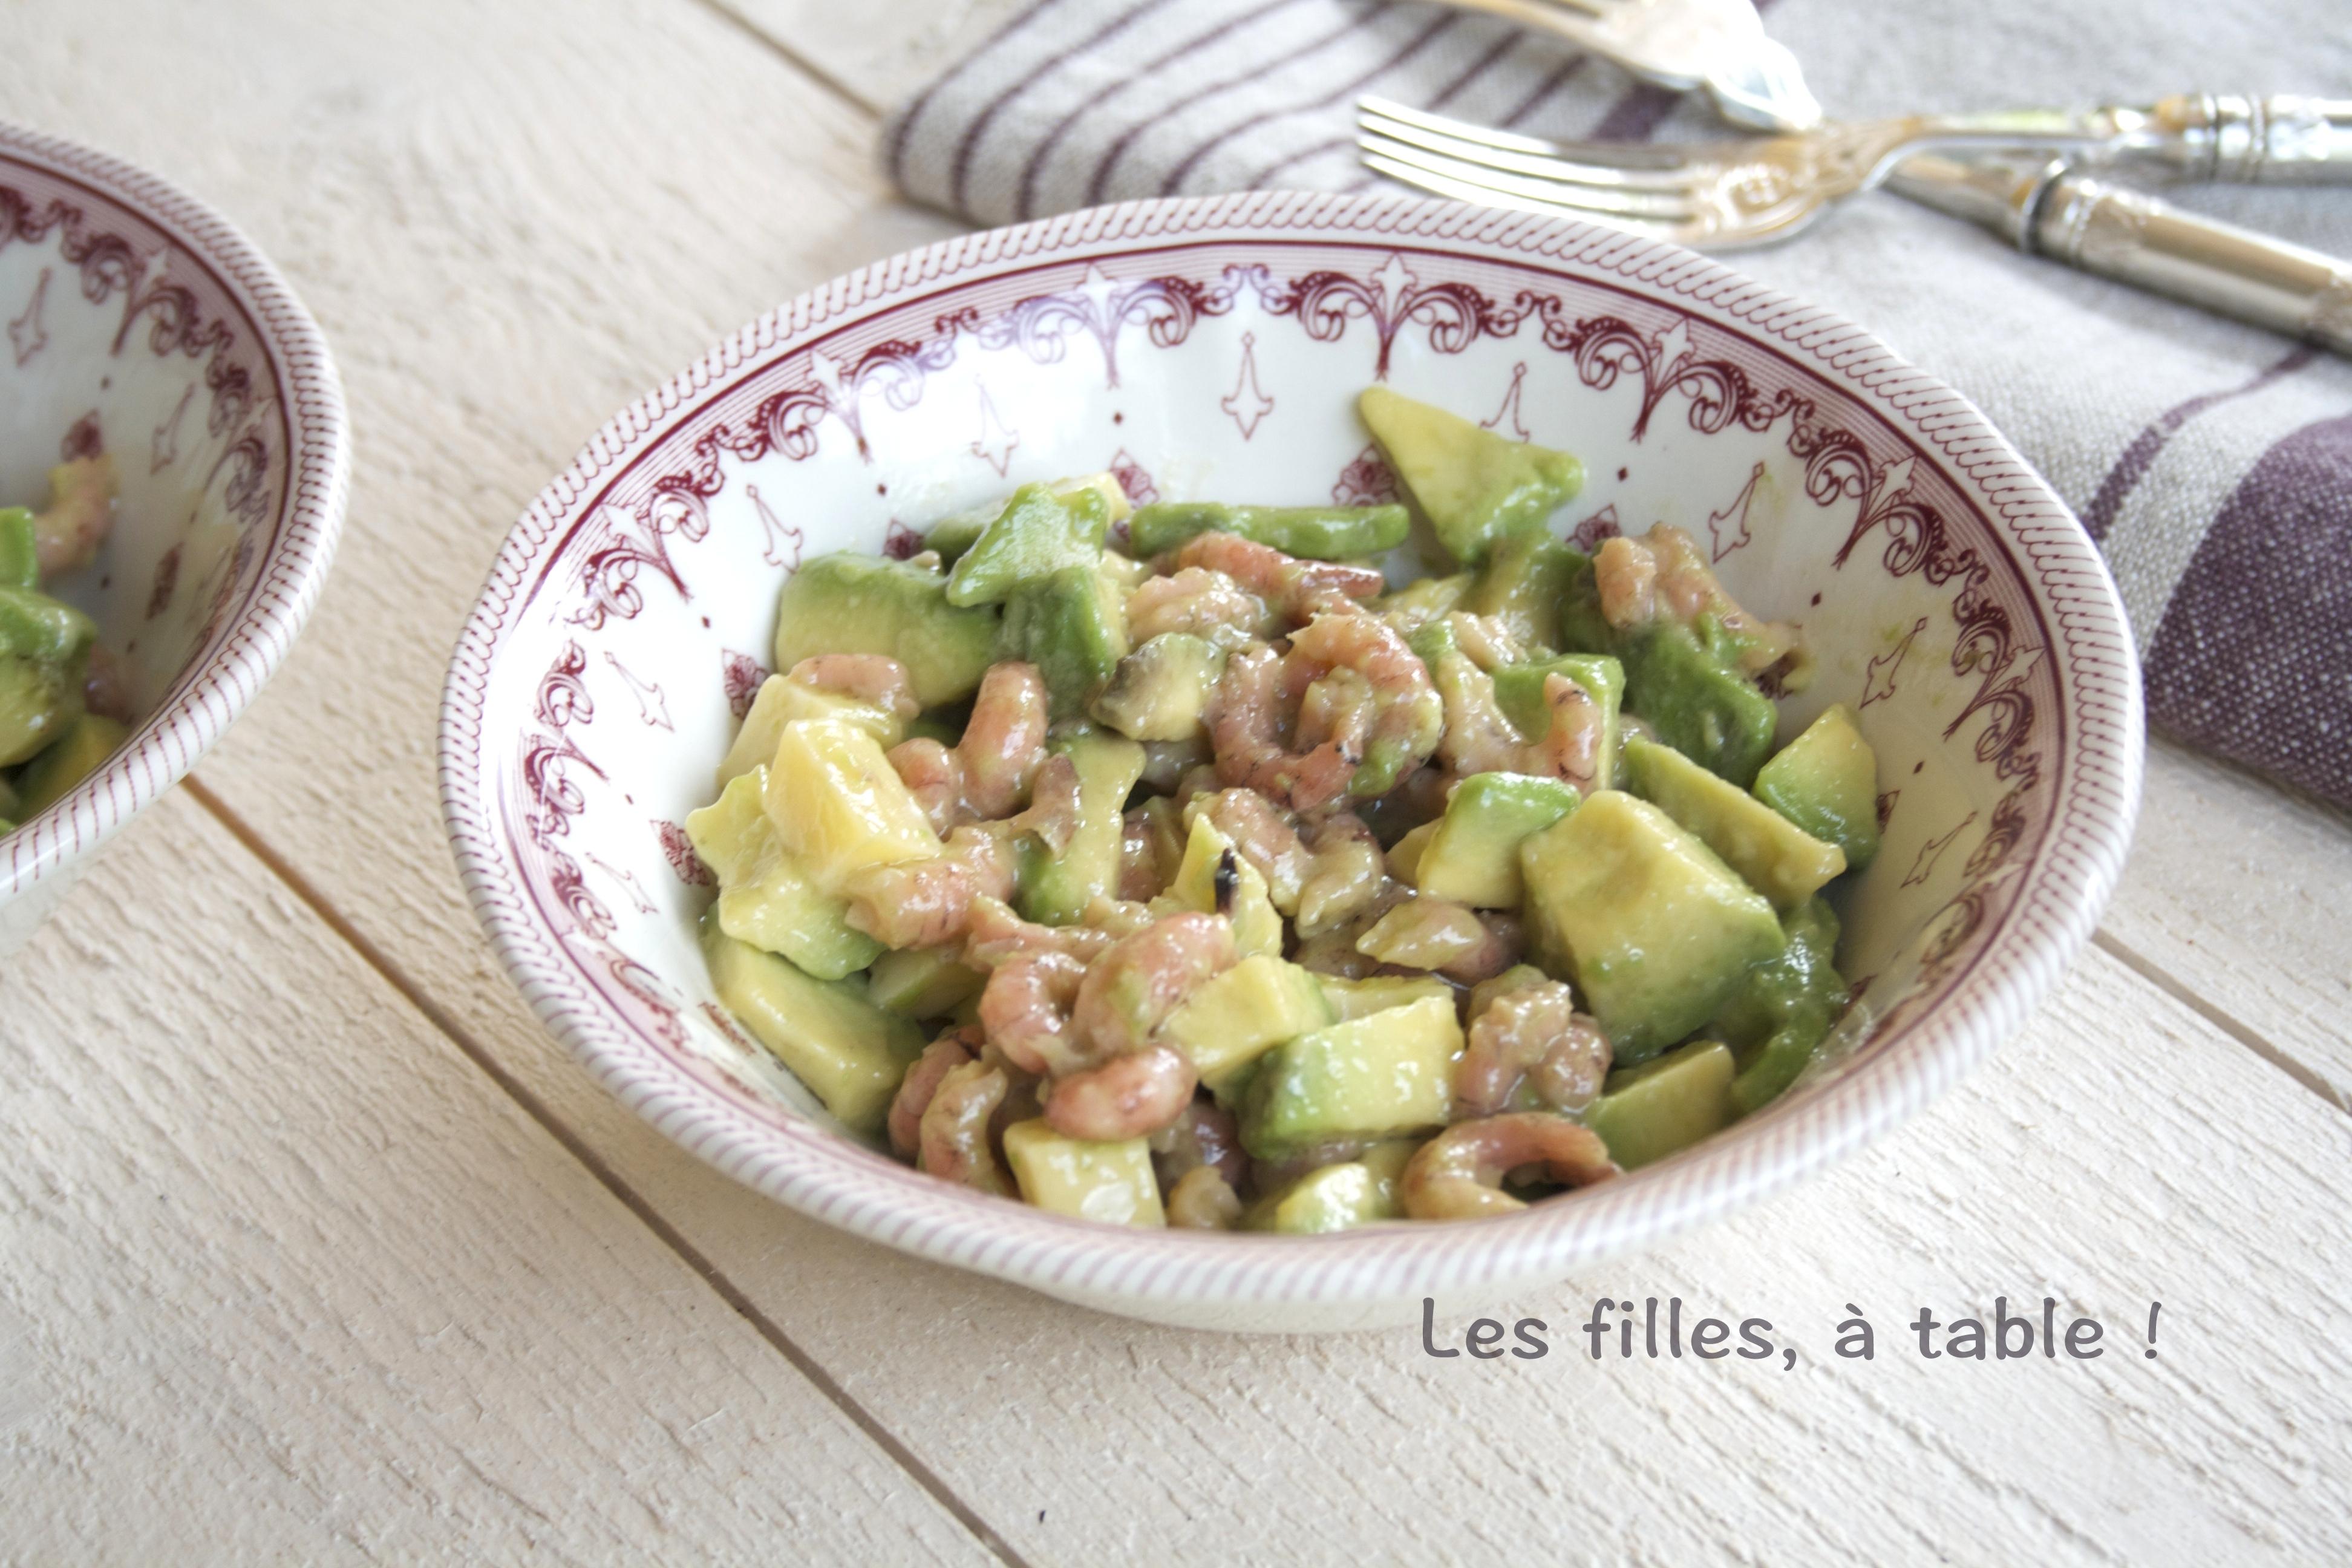 Salade D Avocats Et Crevettes Grises Les Filles A Table